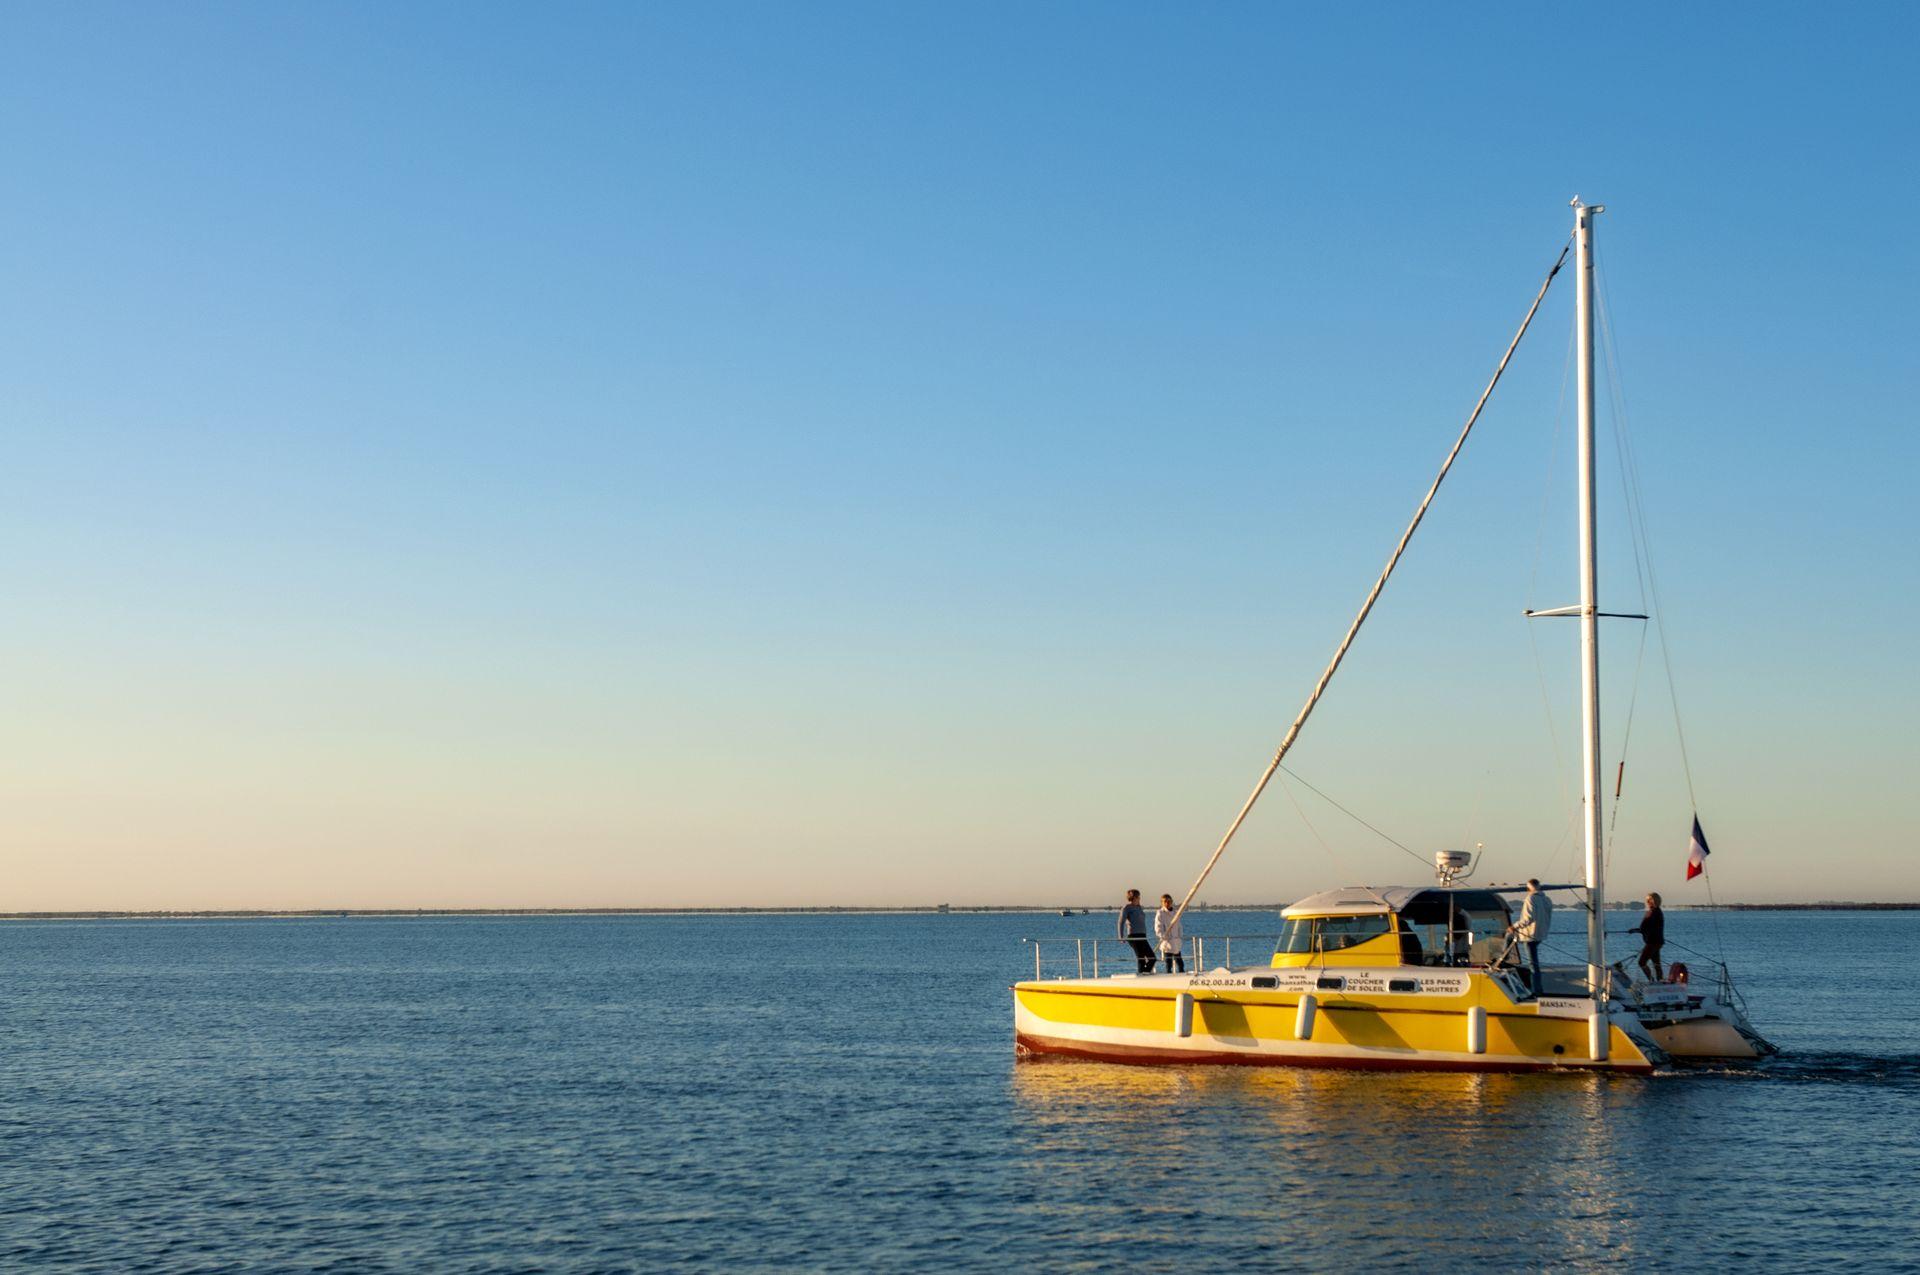 Balade entre amis sur le catamaran de Mansathau sur l'étang de Thau